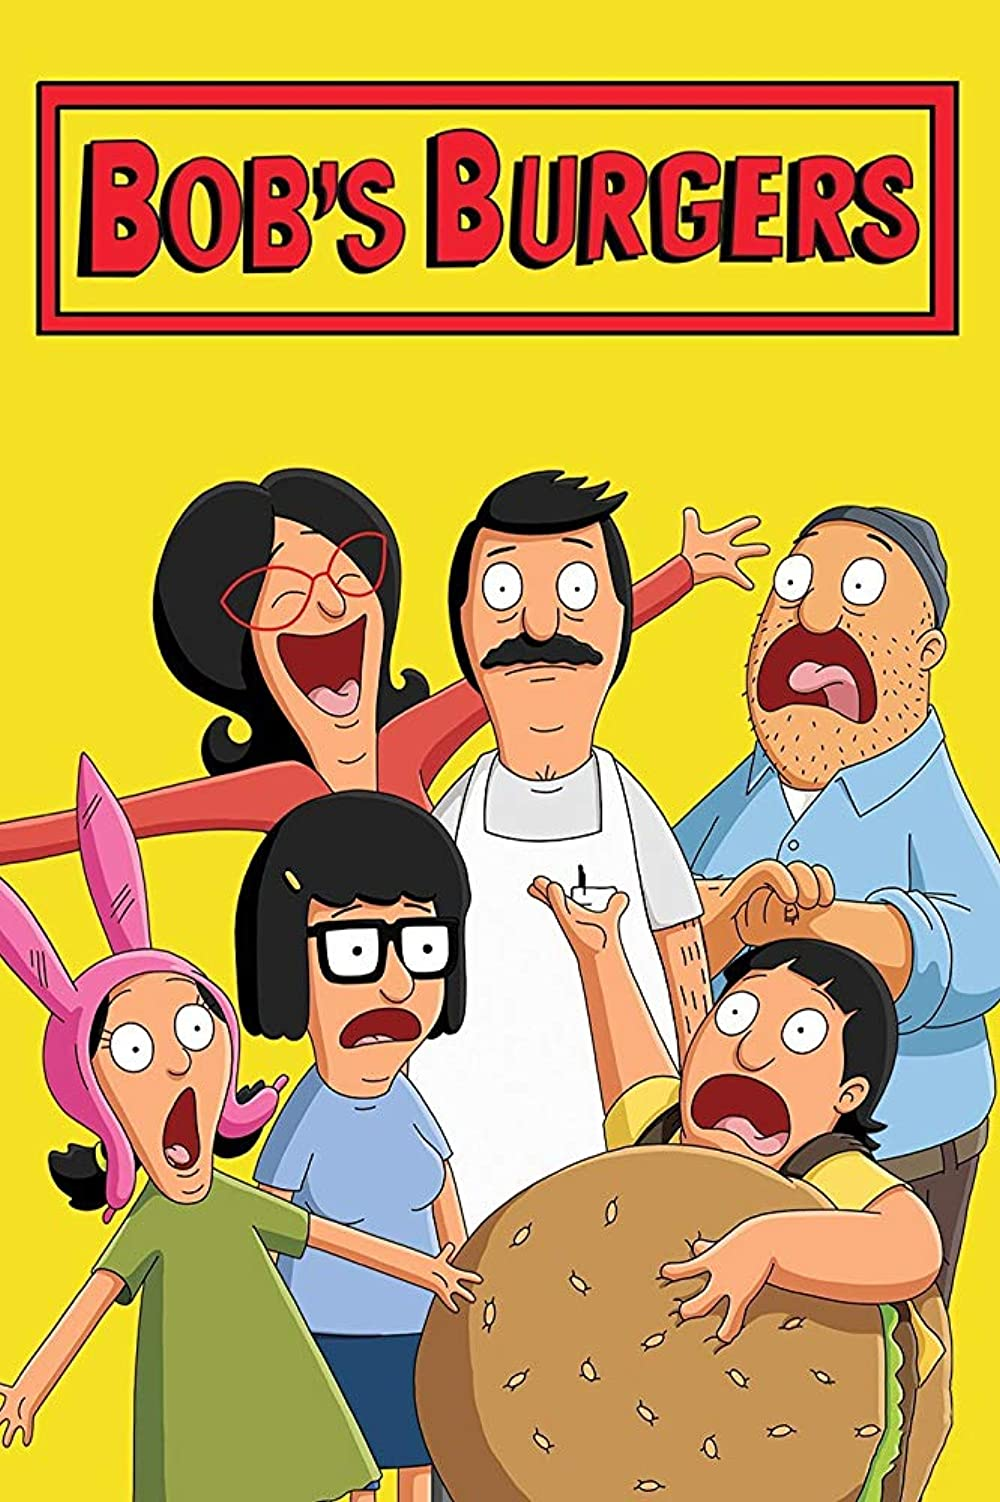 Assistir grátis Bob's Burgers O Filme Online sem proteção